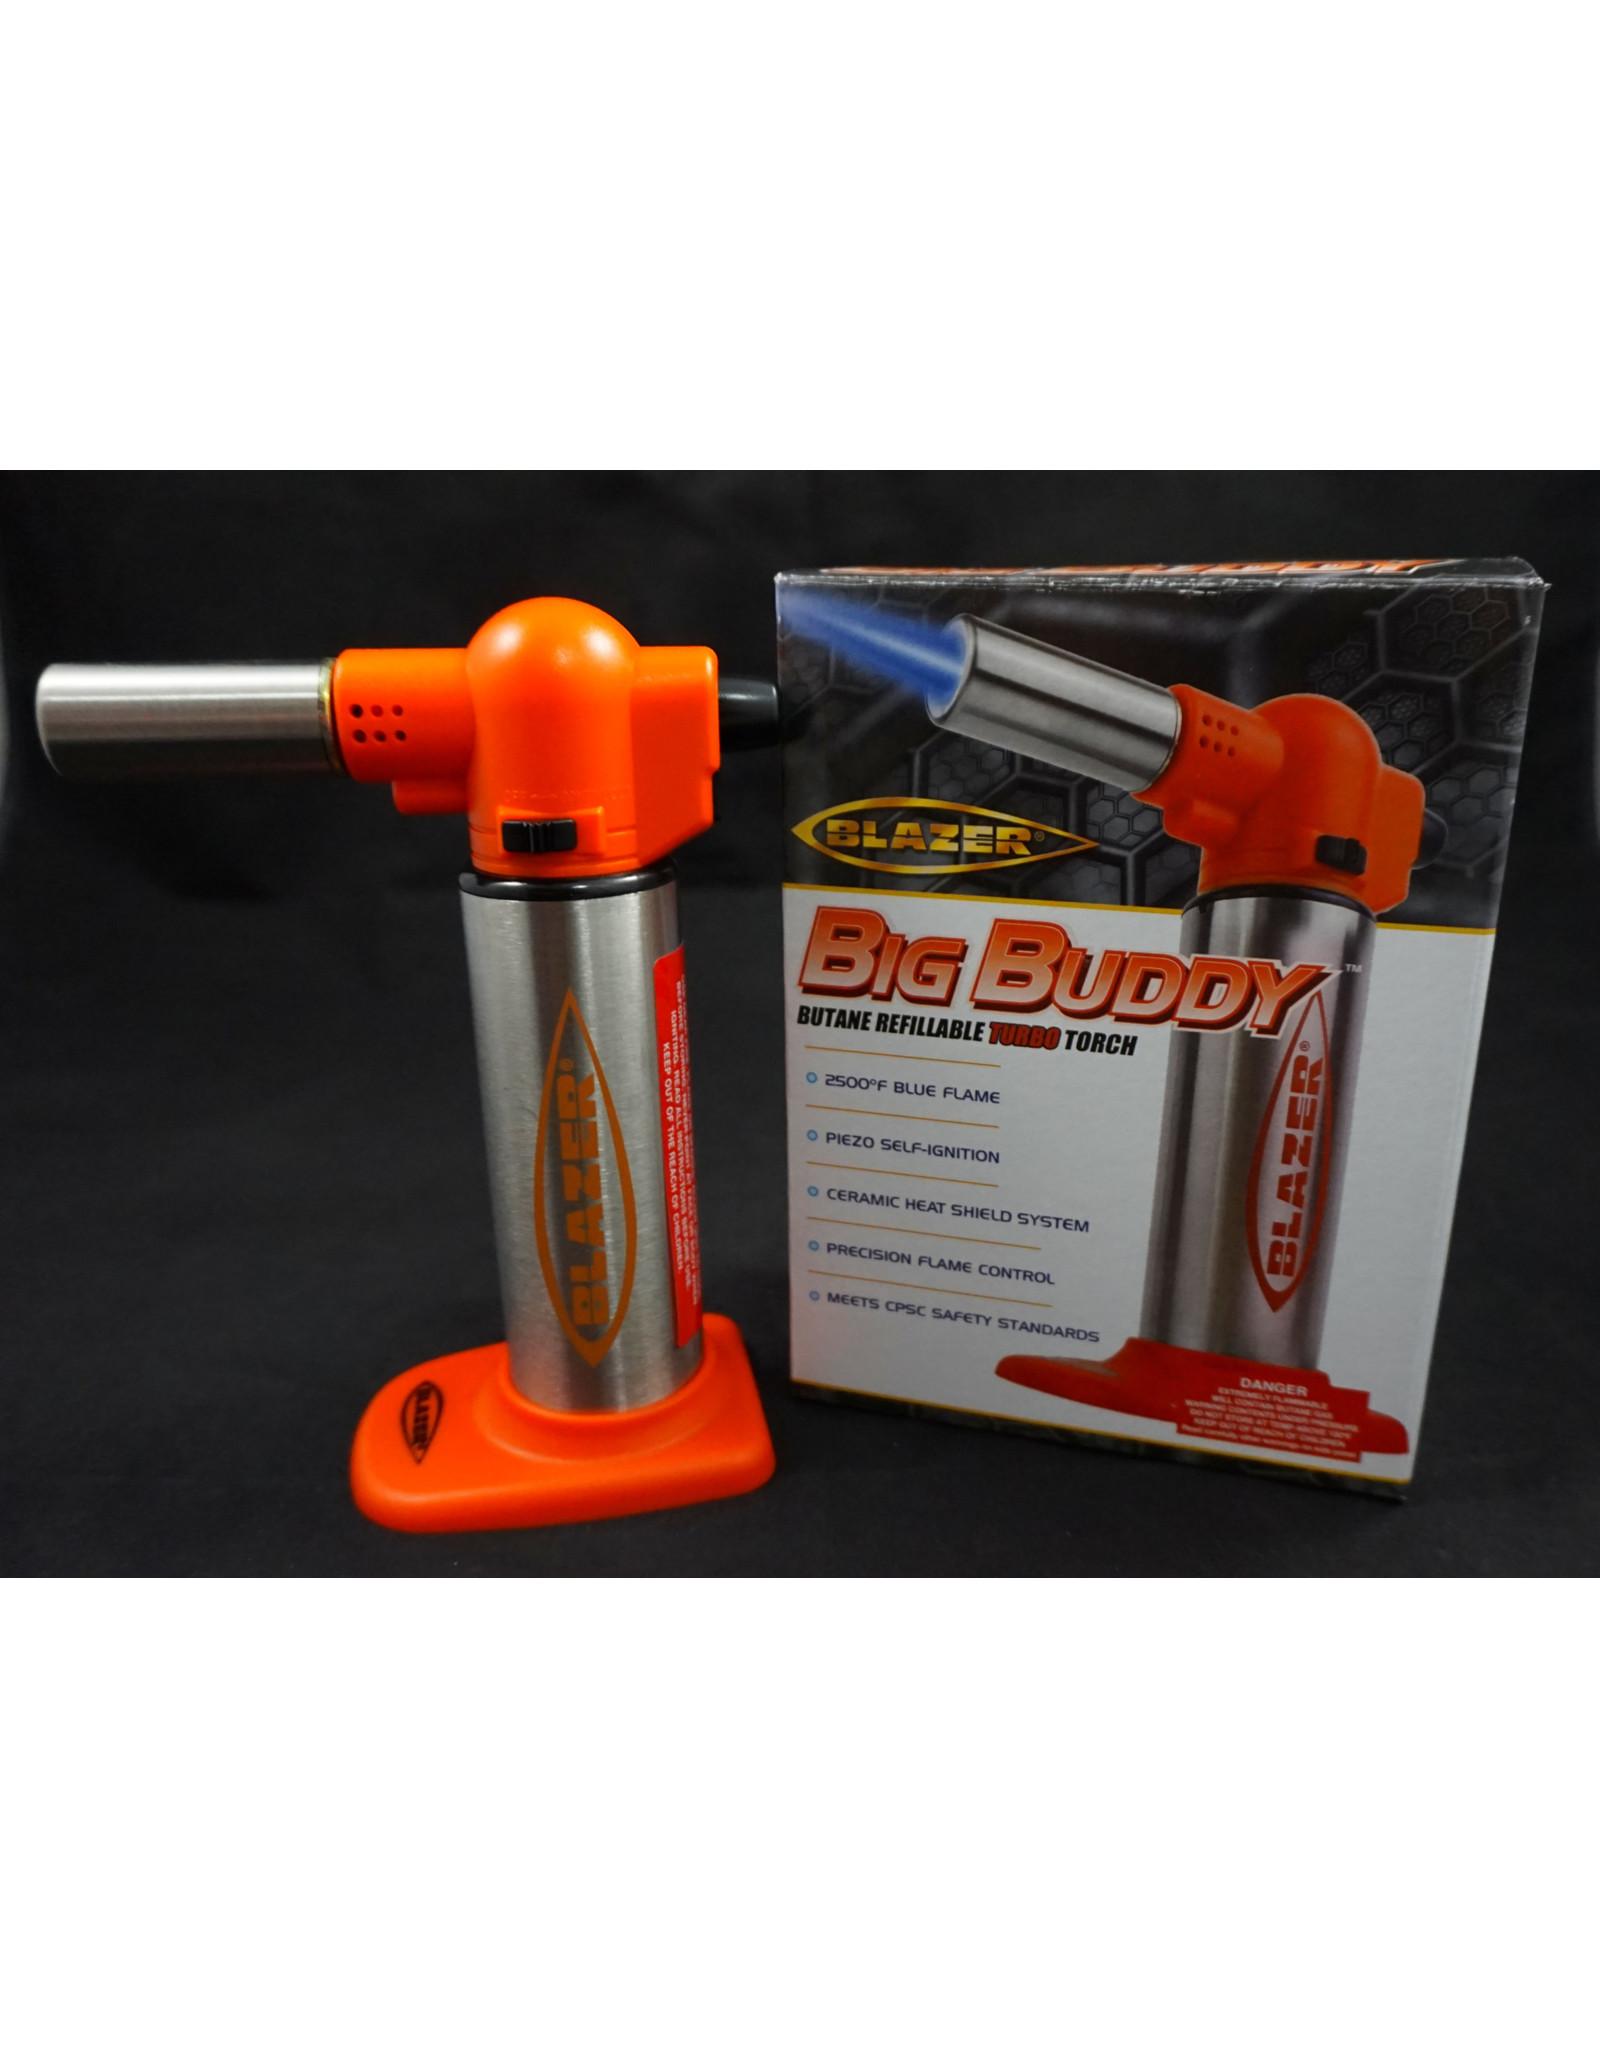 Blazer Blazer Big Buddy Torch – 7″ Orange